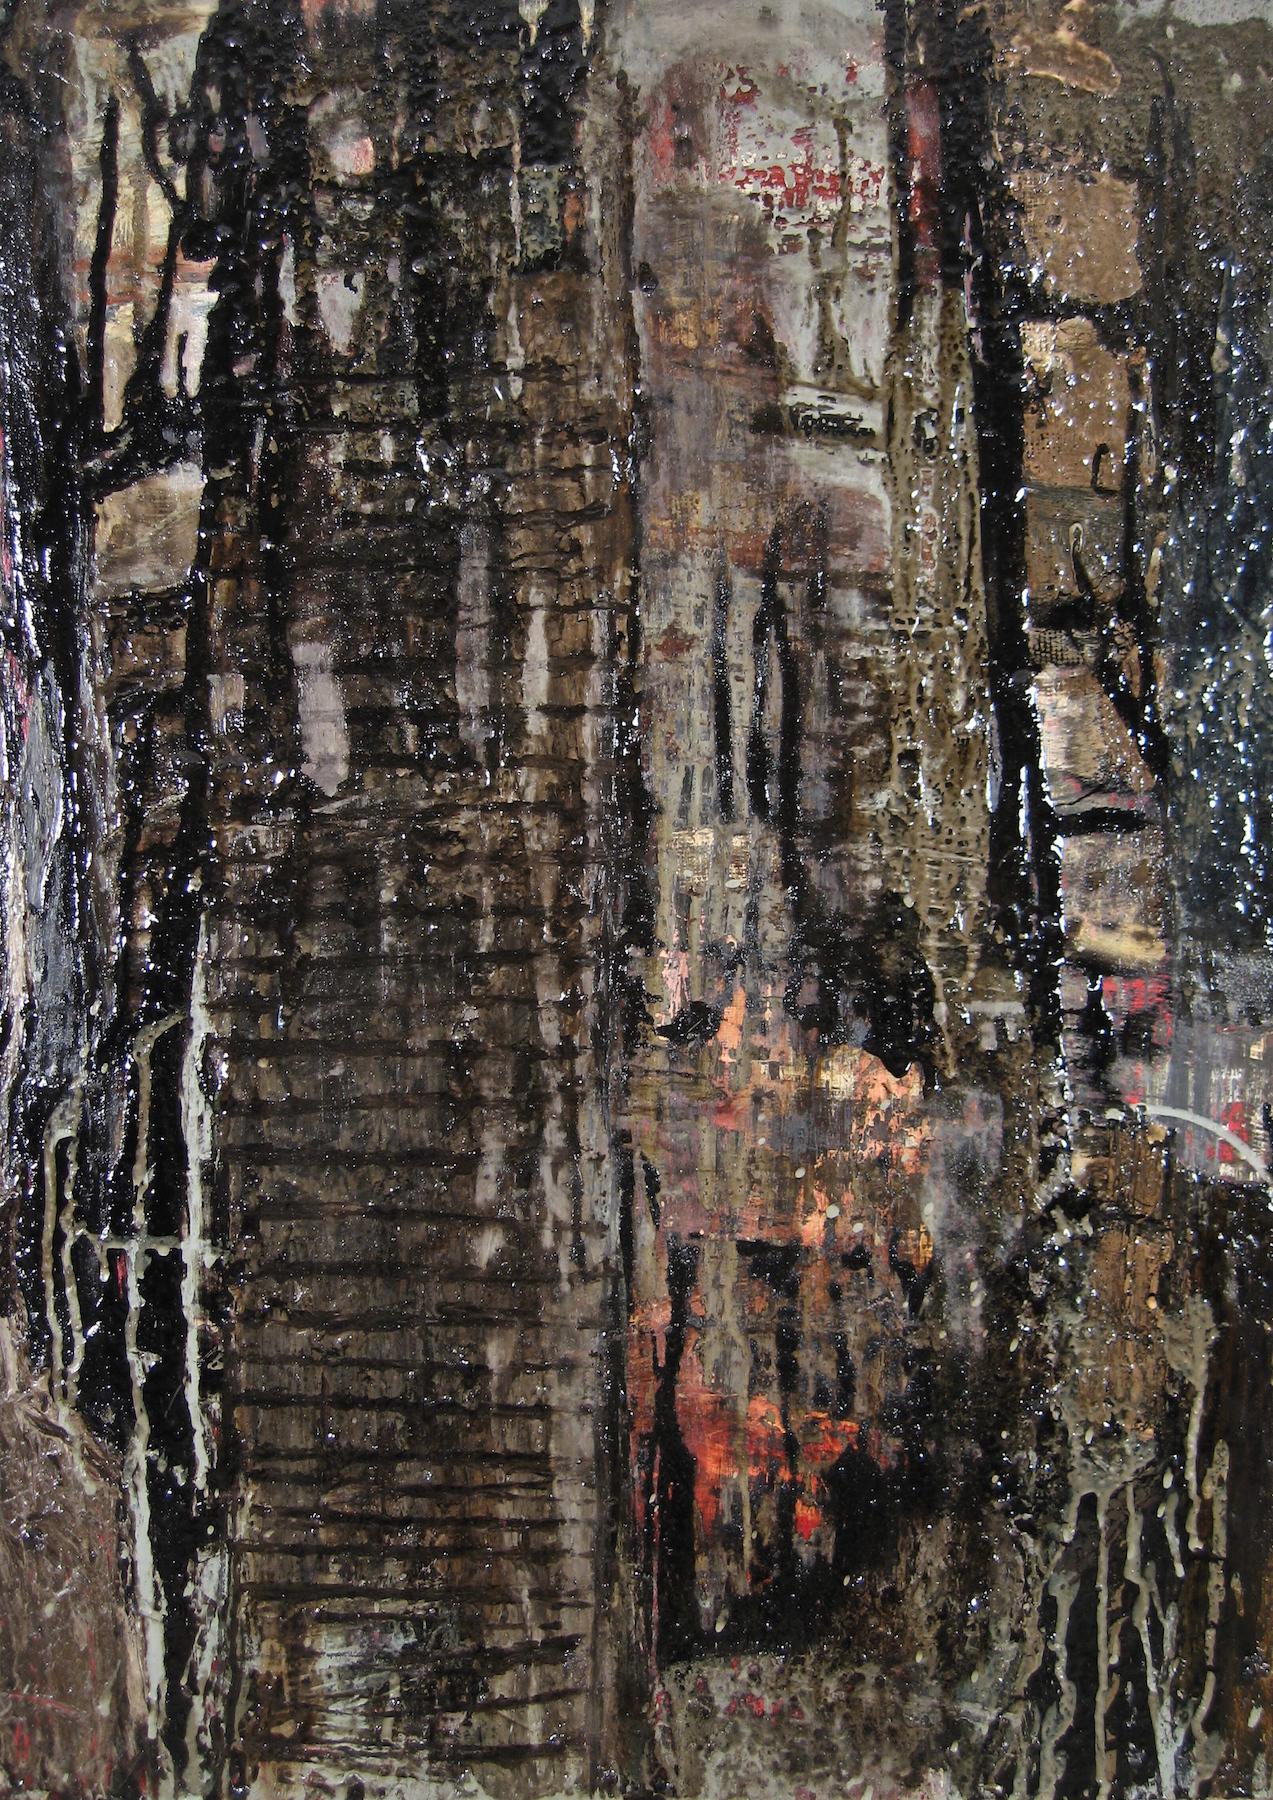 Leslie Zelamsky, Deluge, mixed media, 25x18, $1,250